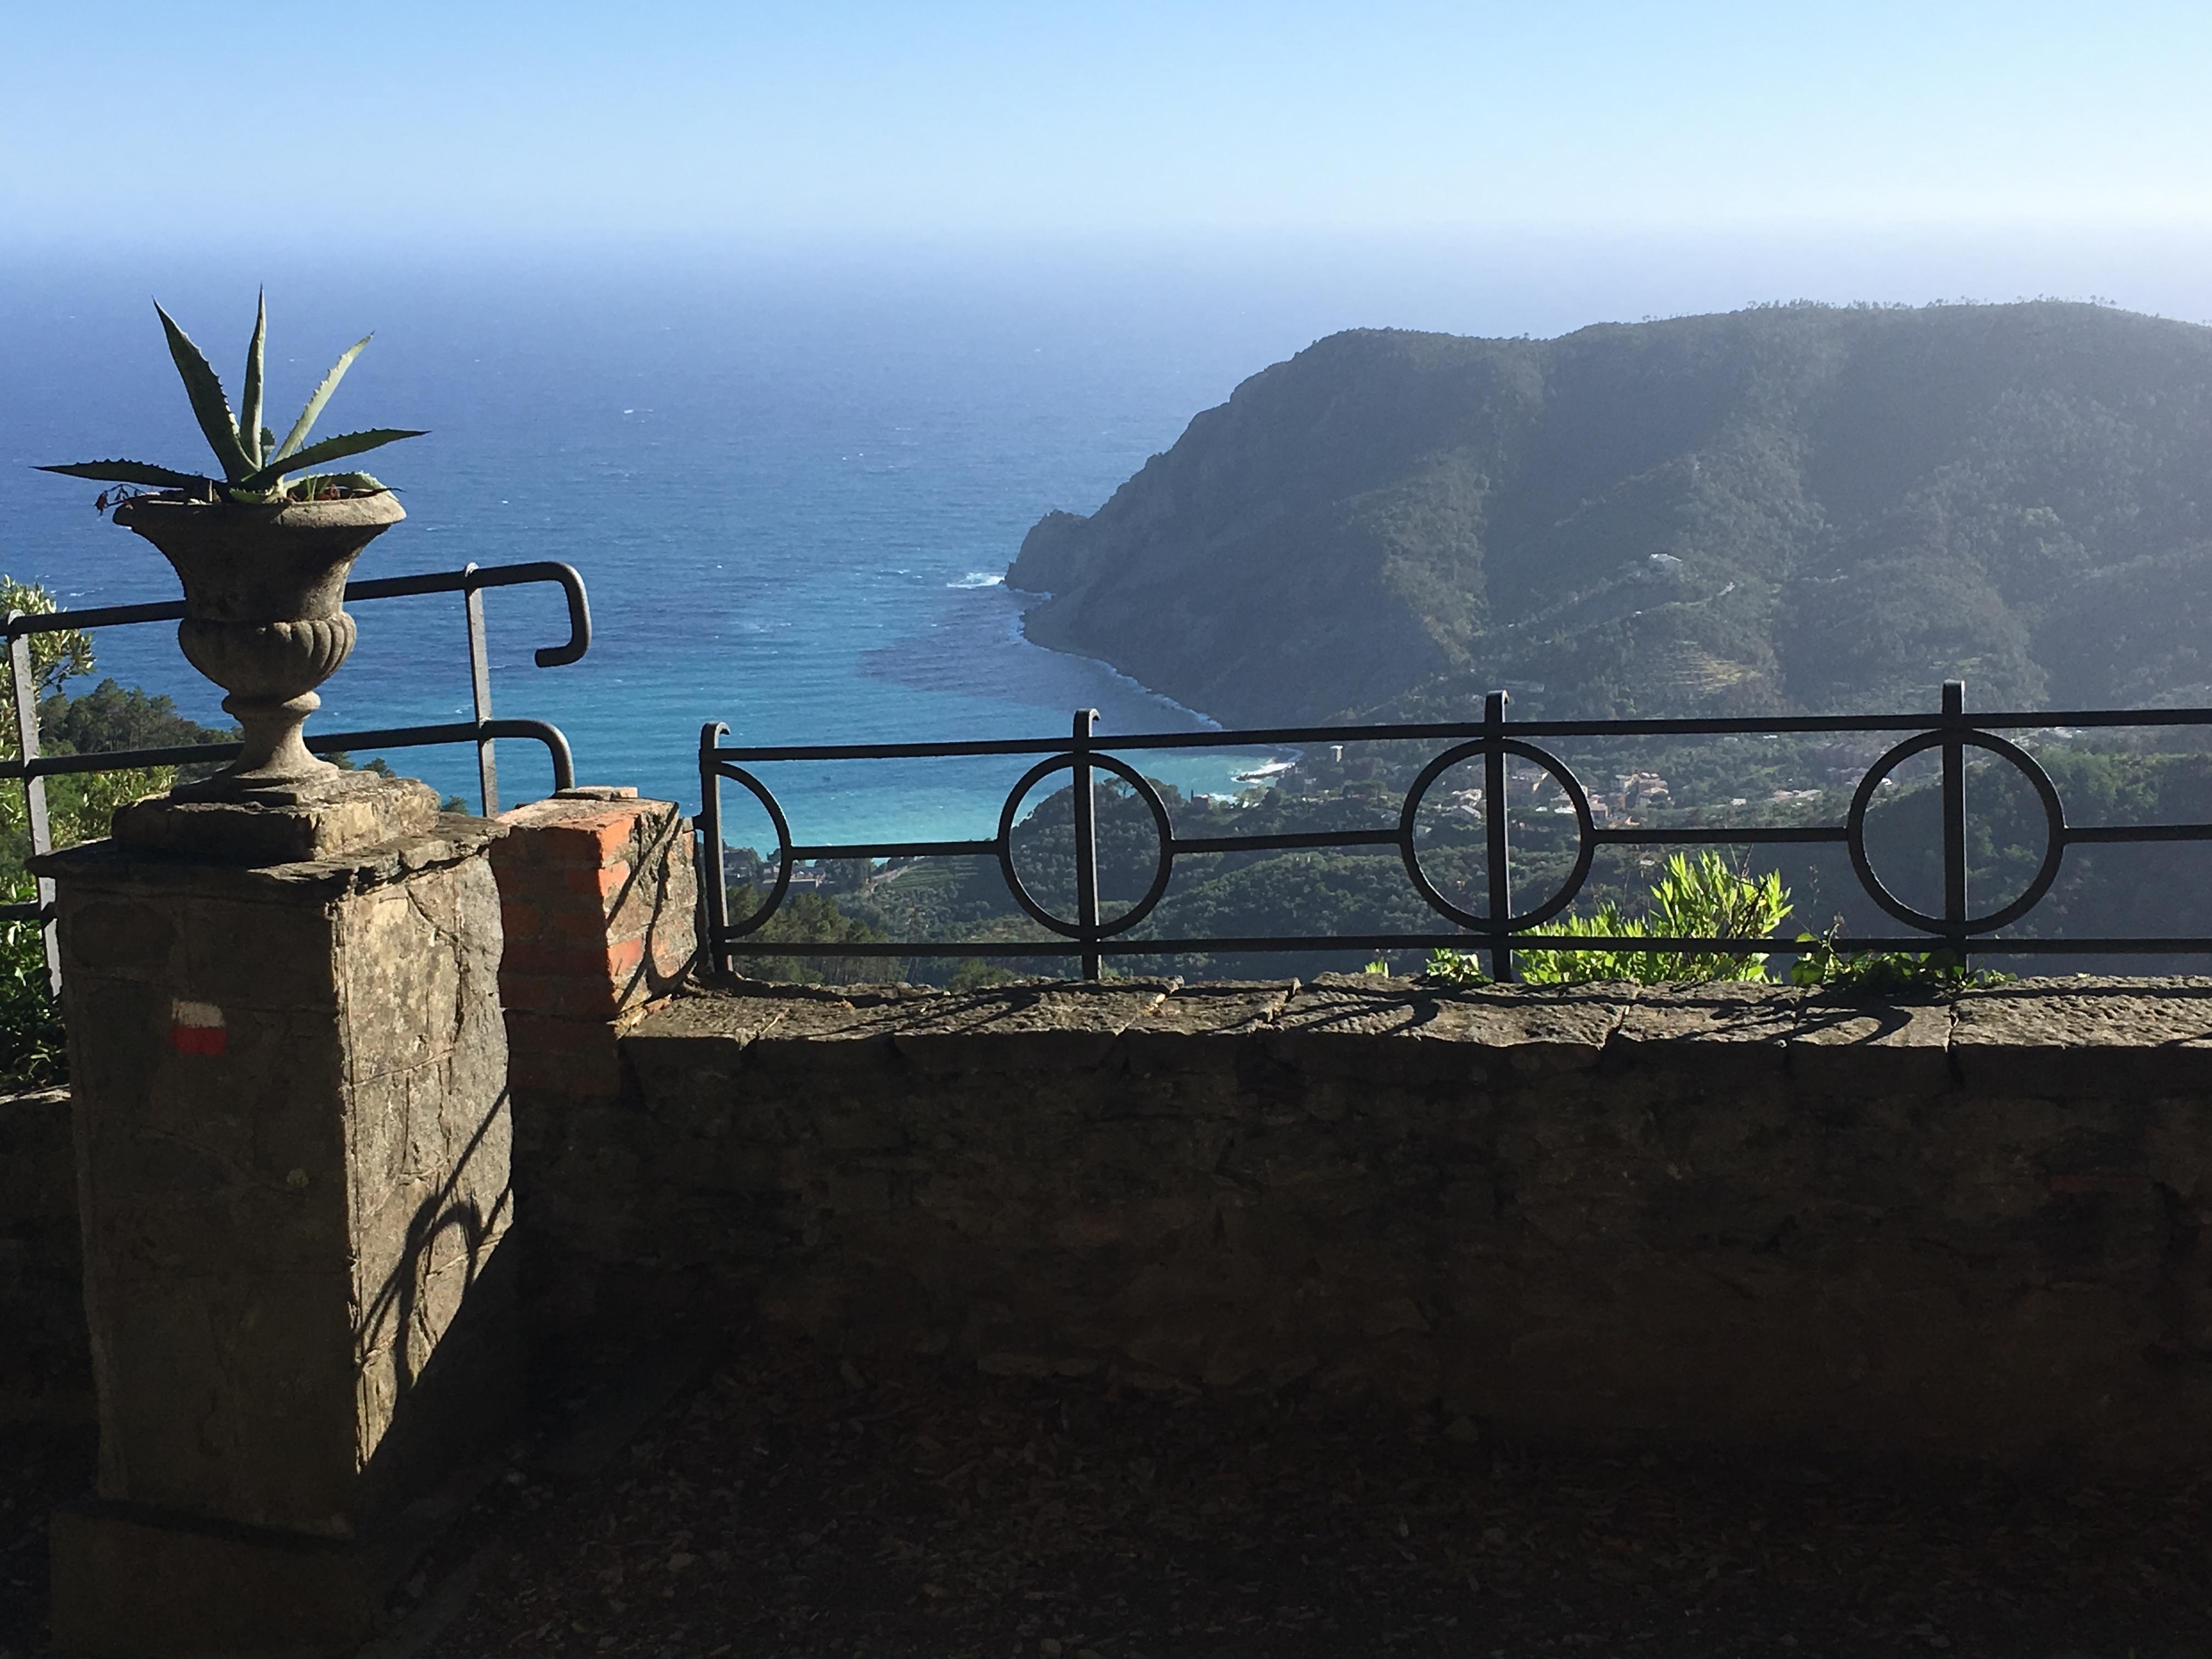 Monterosso sett från Santuario Soviore under konferensresa till Cinque terre